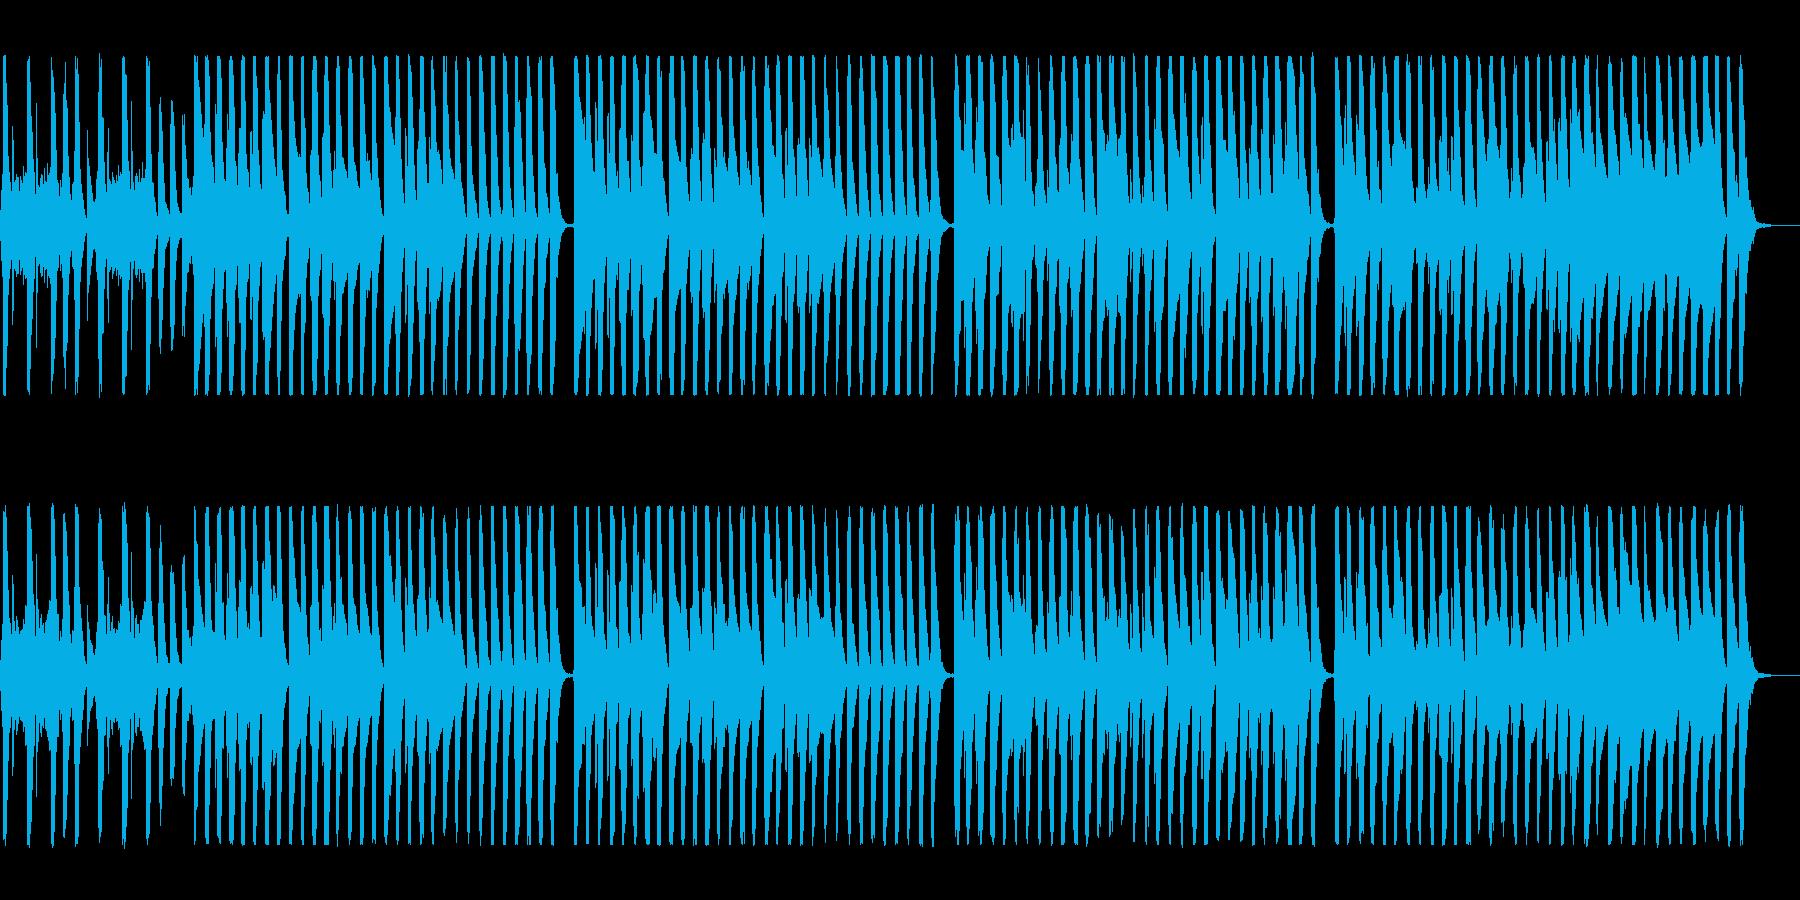 明るく元気なシンセオルガンサウンドの再生済みの波形